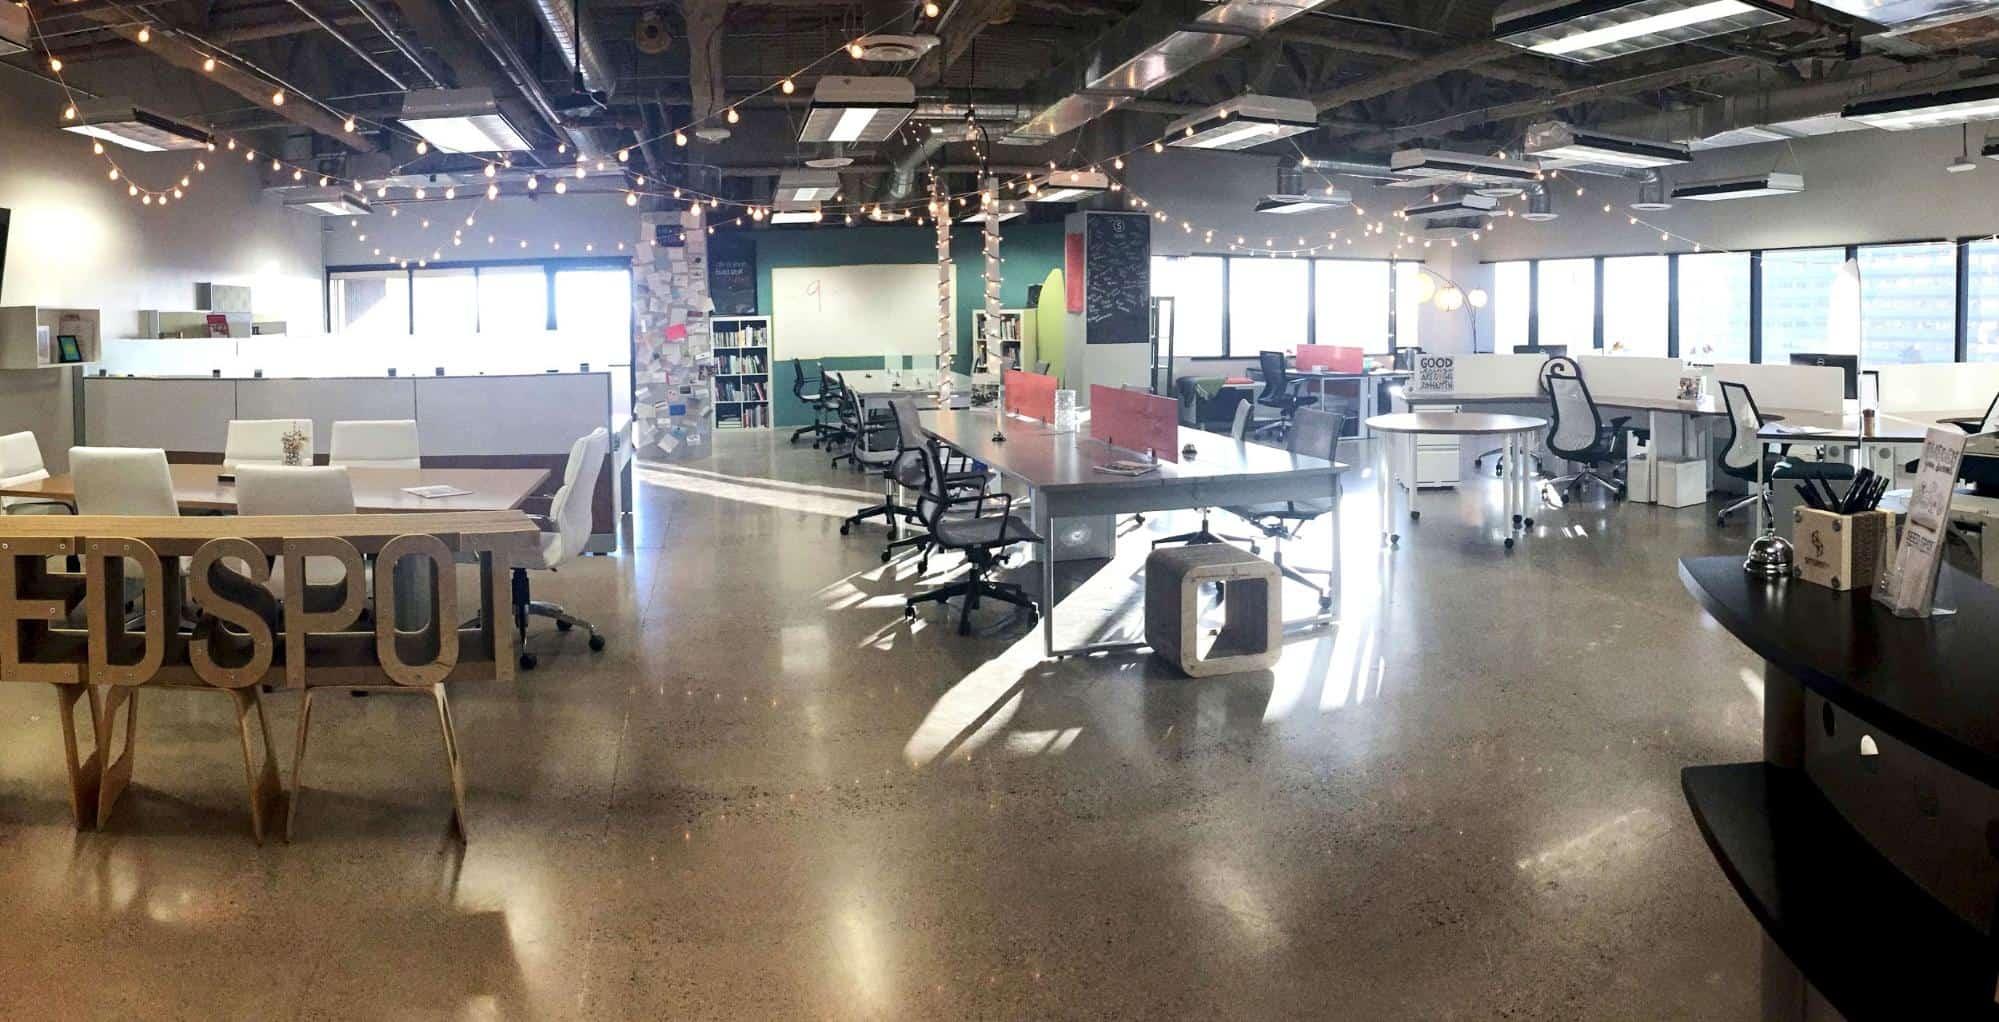 oficinas-colaborativas-realmente-son-mas-productivas